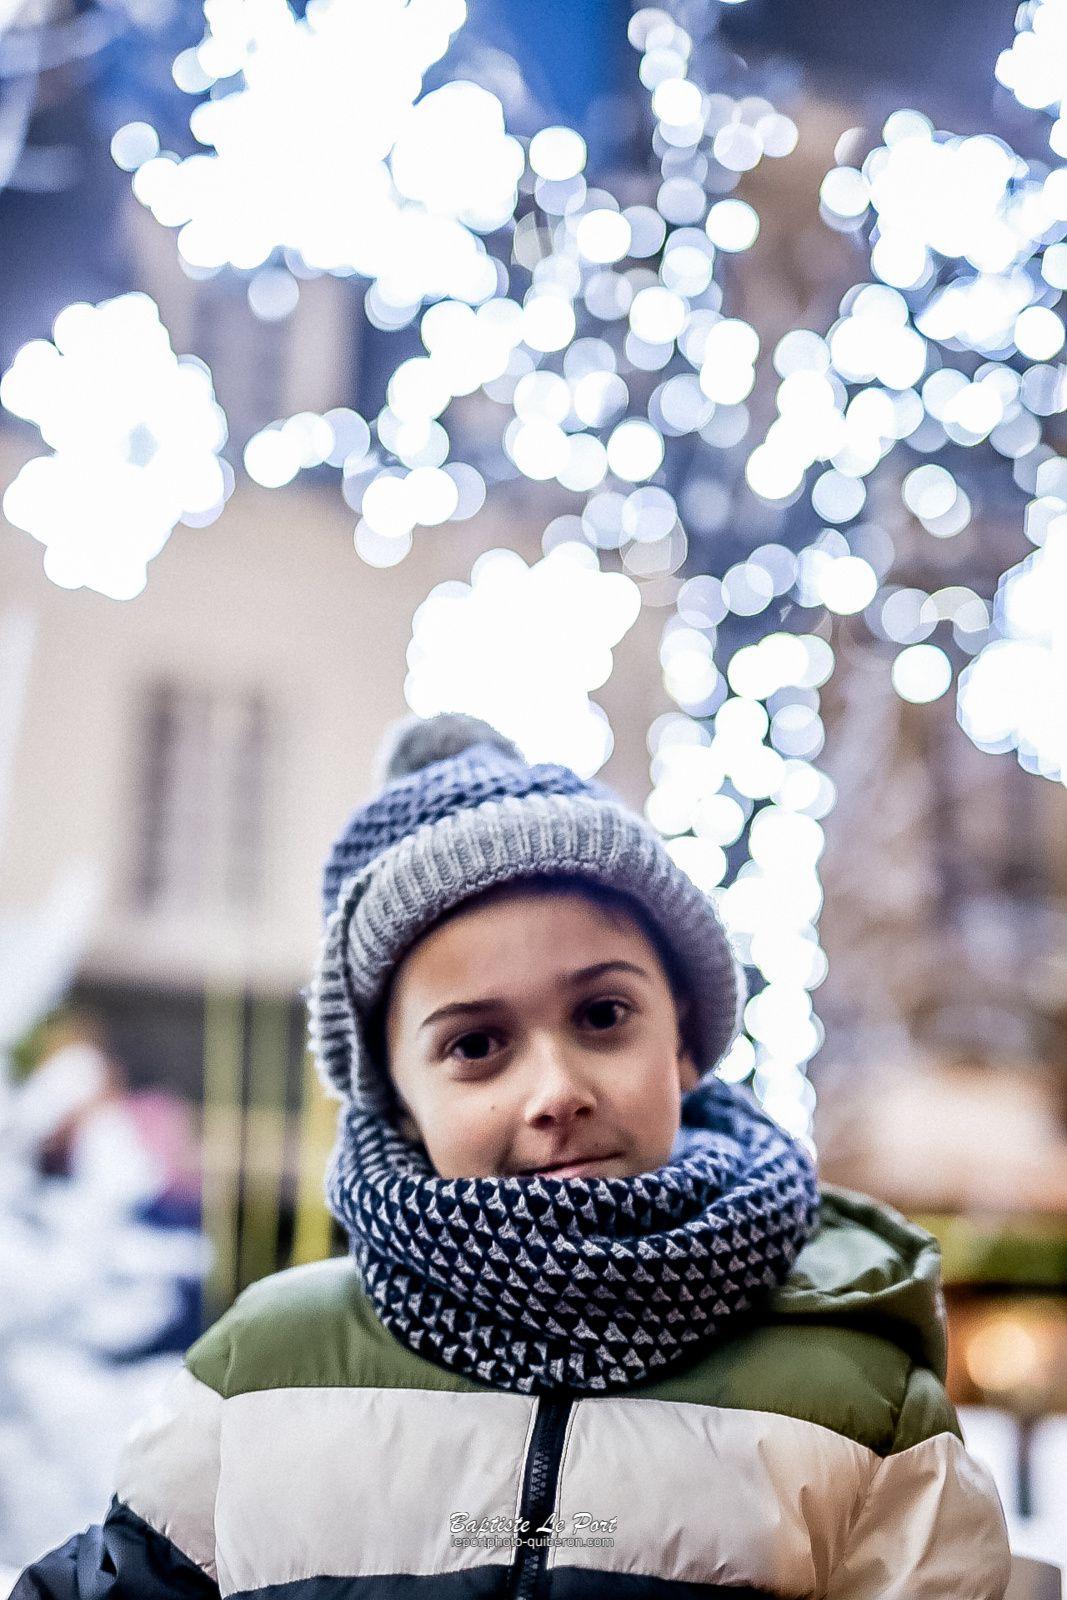 15 décembre - promenade en famille aux illuminations d'Auray